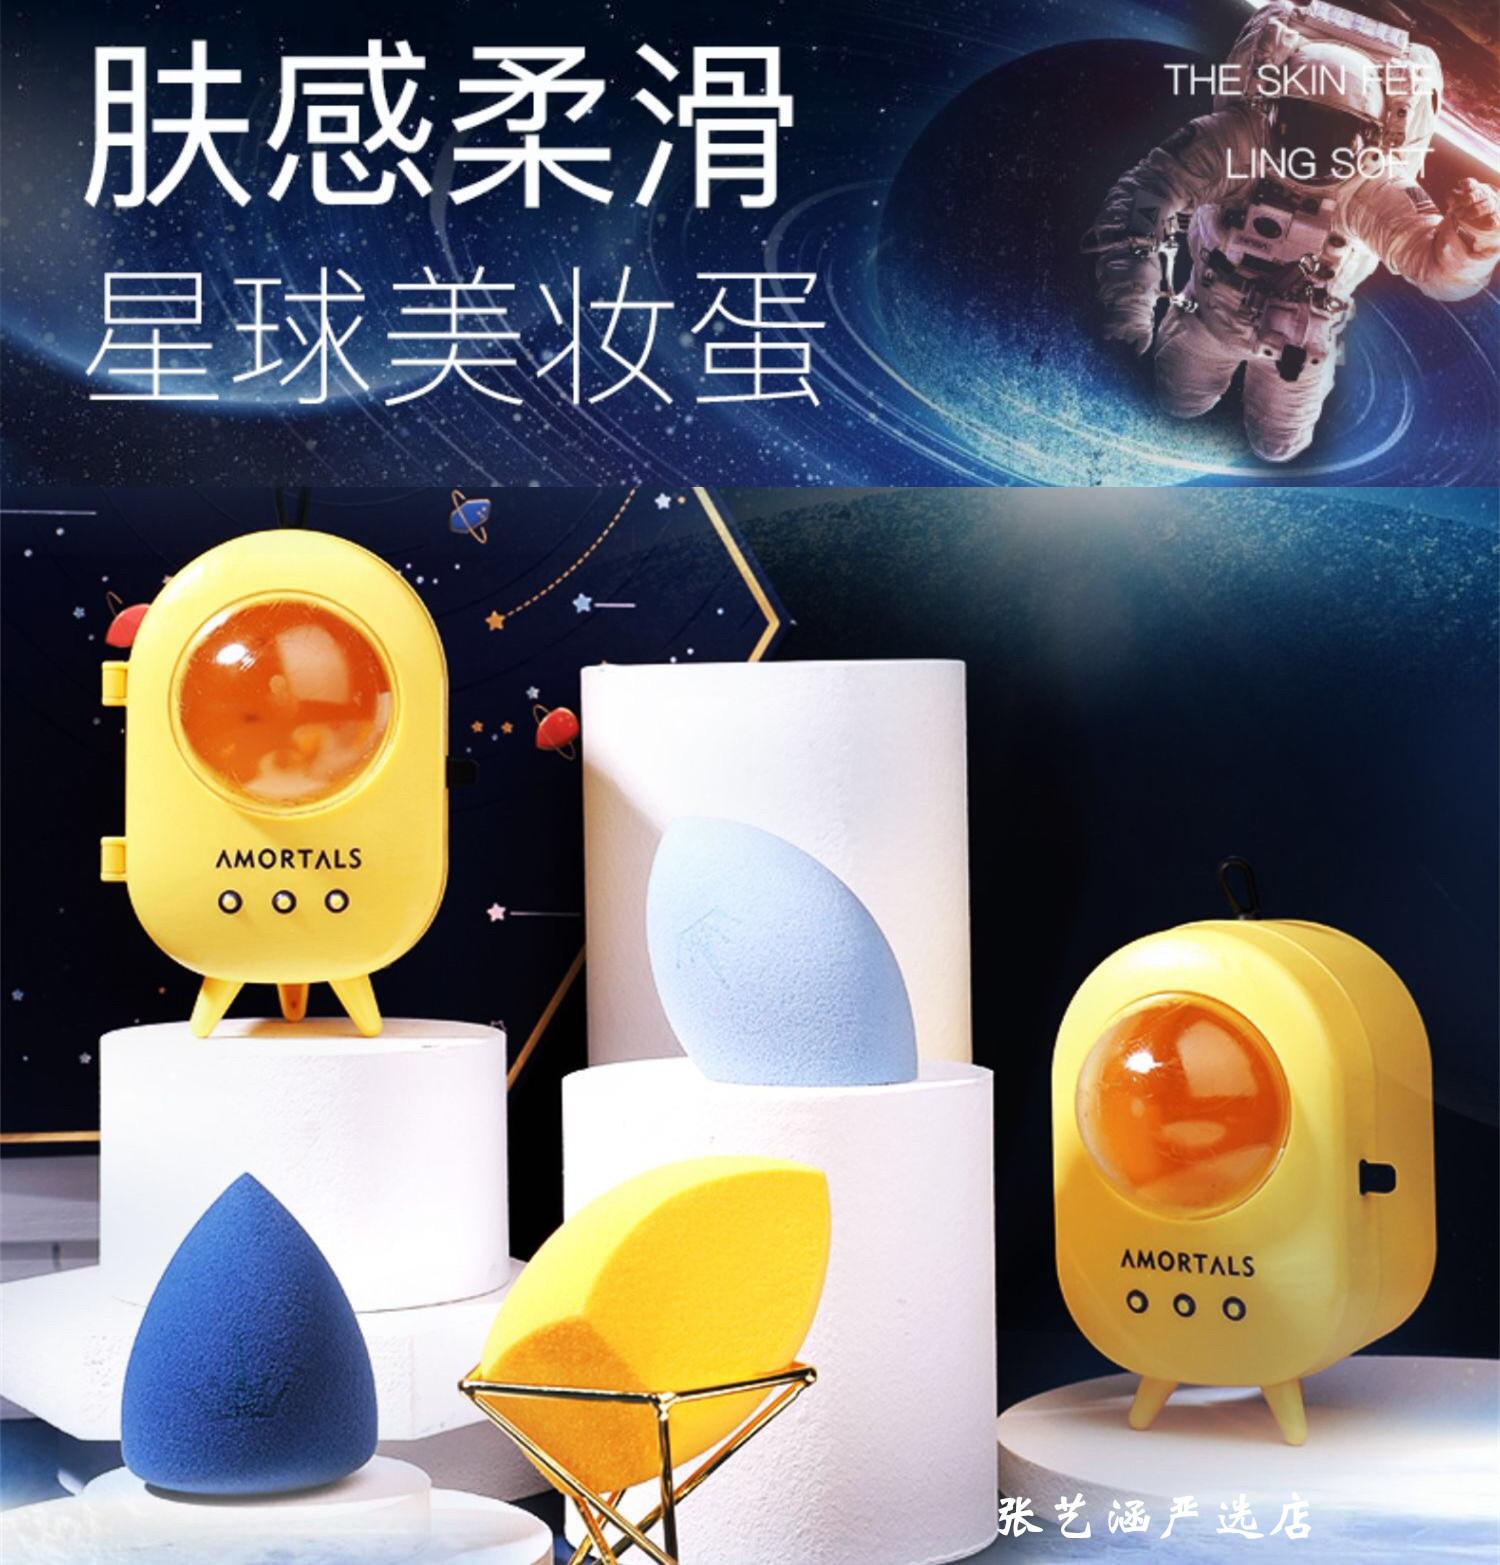 韩国尔木萄星球美妆蛋不吃粉超软化妆海绵彩妆蛋粉底刷太空舱礼盒